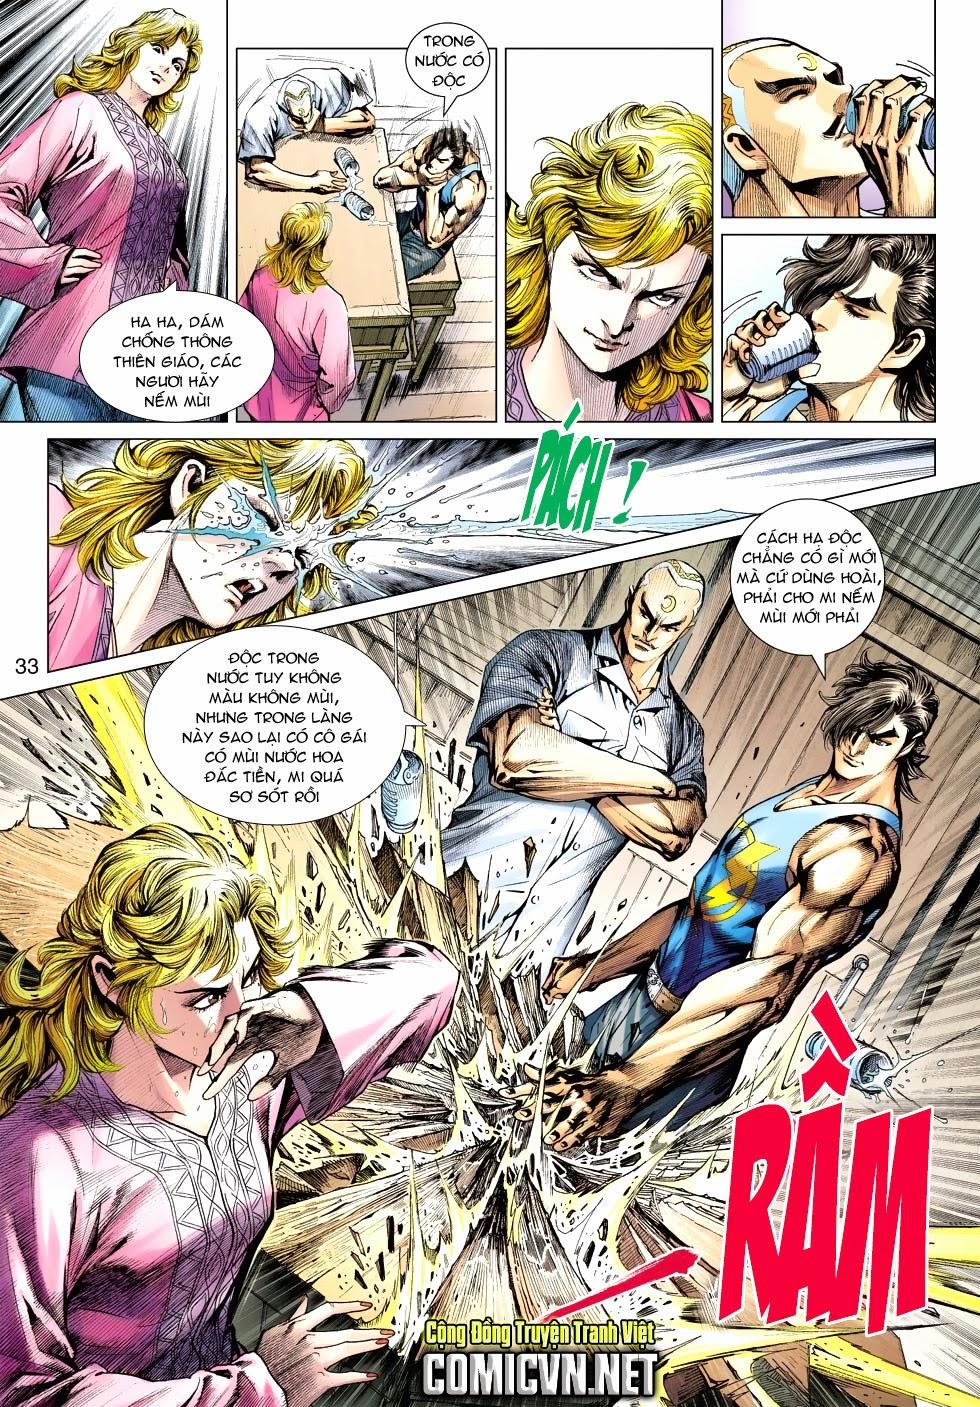 Tân Tác Long Hổ Môn chap 488 - Trang 32